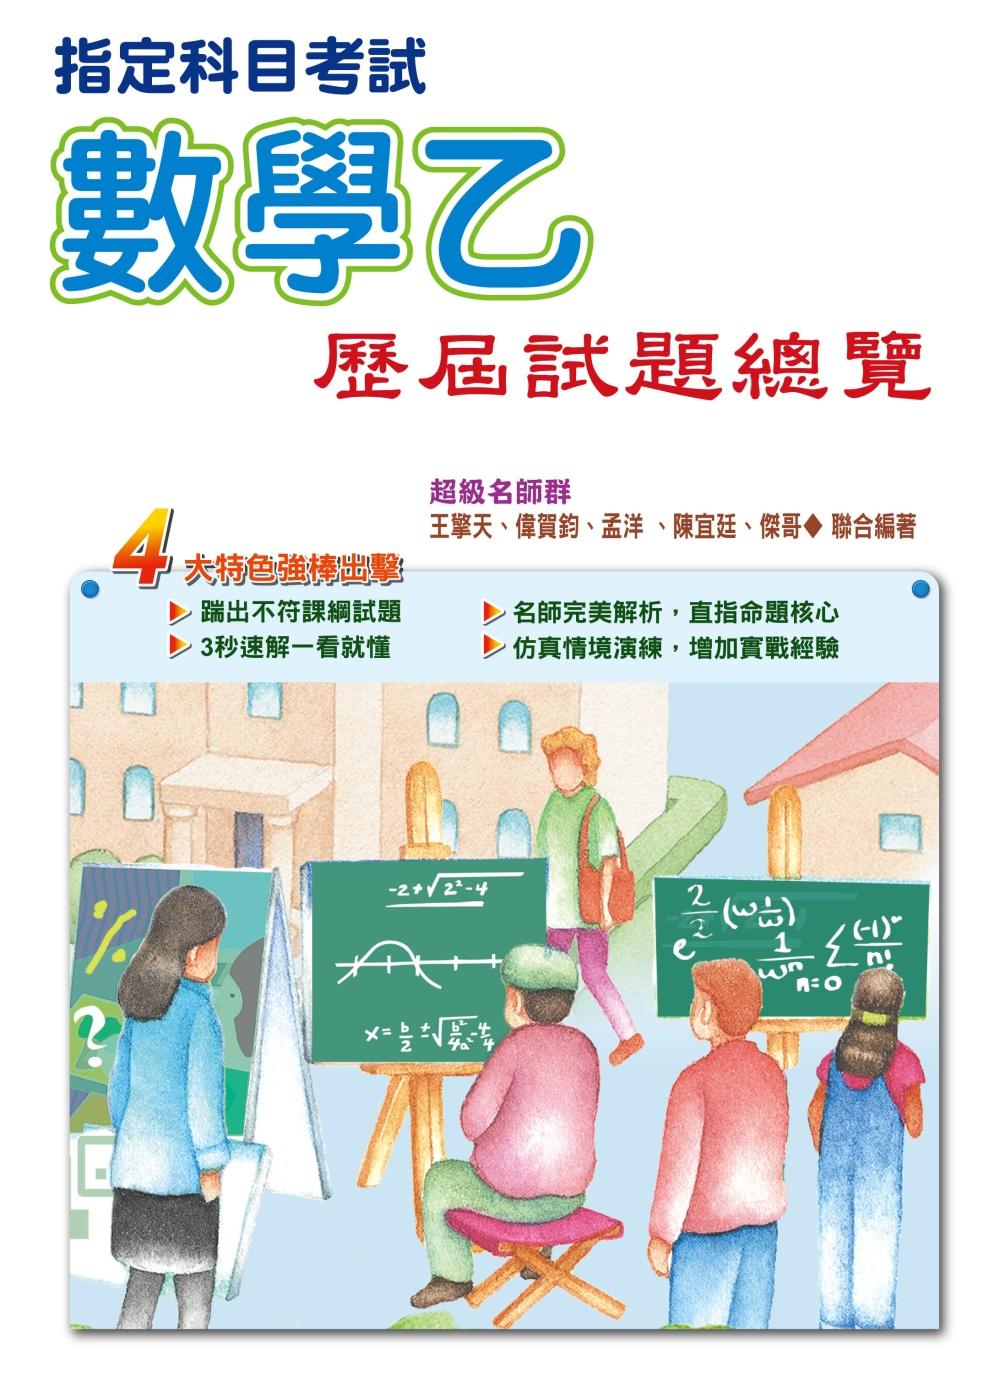 106指定科目考試數學乙歷屆試題總覽